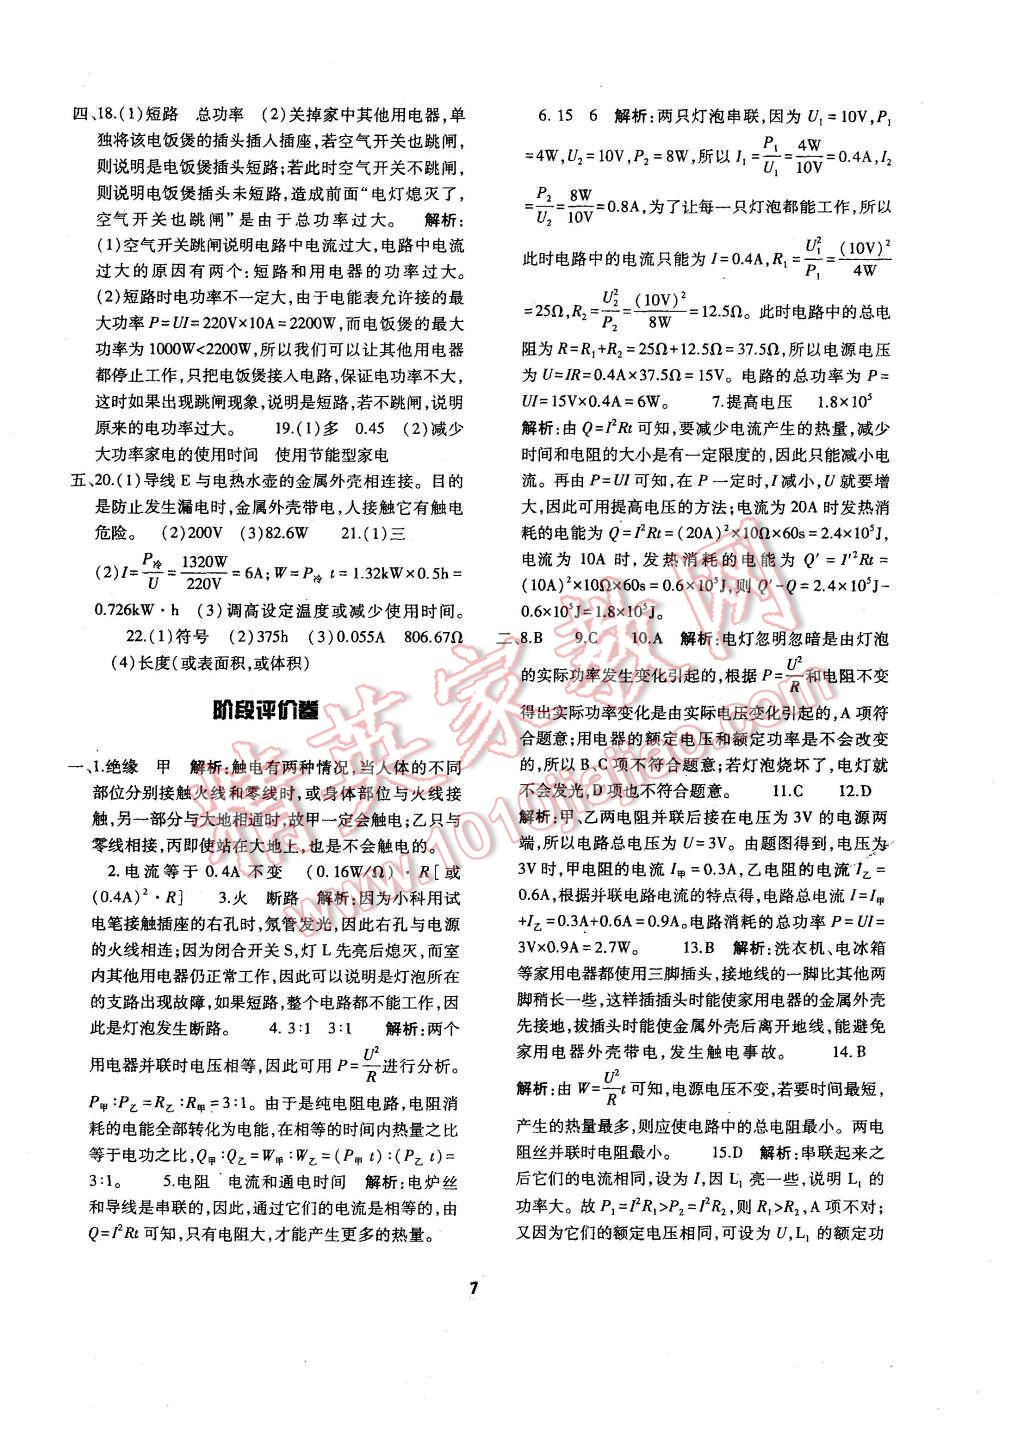 2015年基础训练九年级物理全一册人教版河南省内使用单元评价卷参考答案第7页